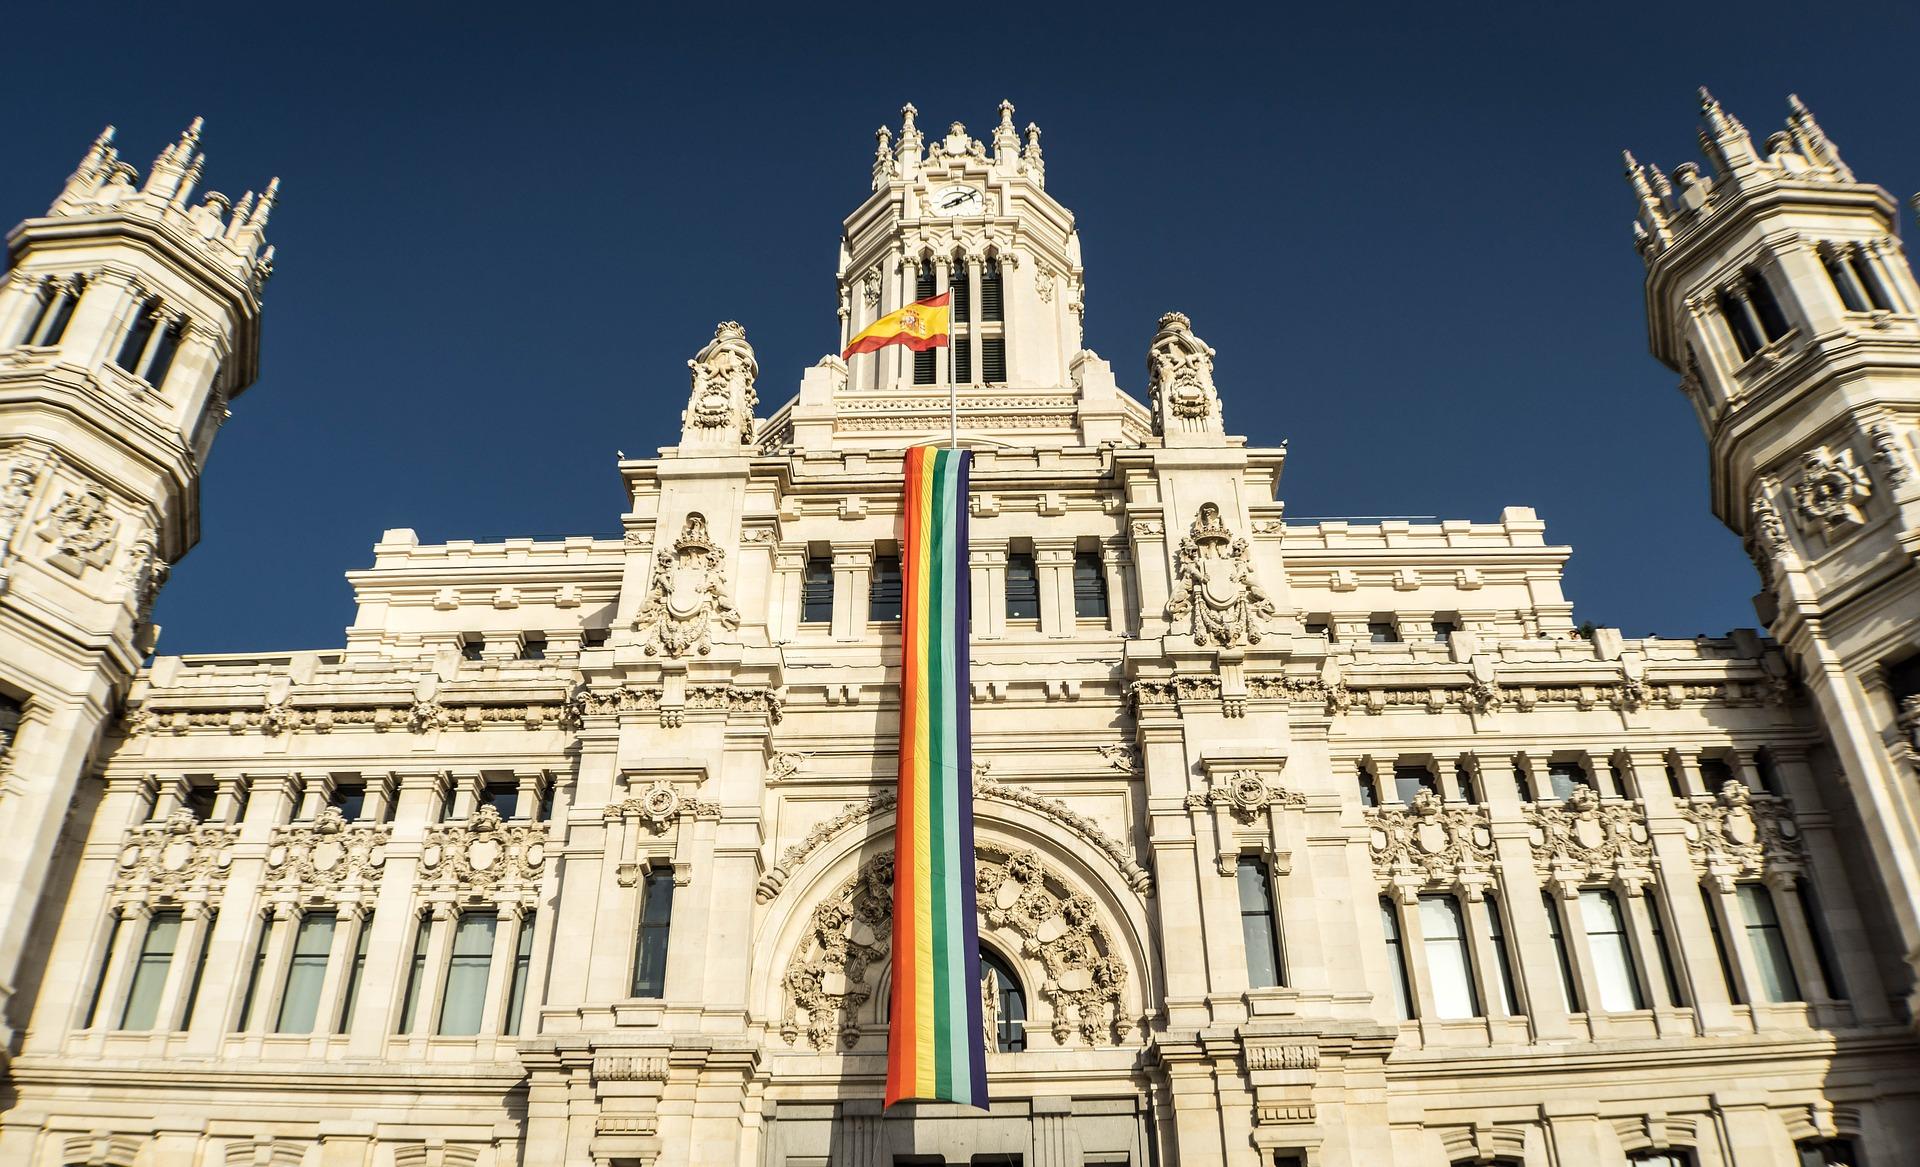 El Instituto de Política Social presenta ante la Delegación del Gobierno de Madrid una denuncia exigiendo la inmediata aplicación de la ley de banderas y retirada de banderas LGTB de la administración pública